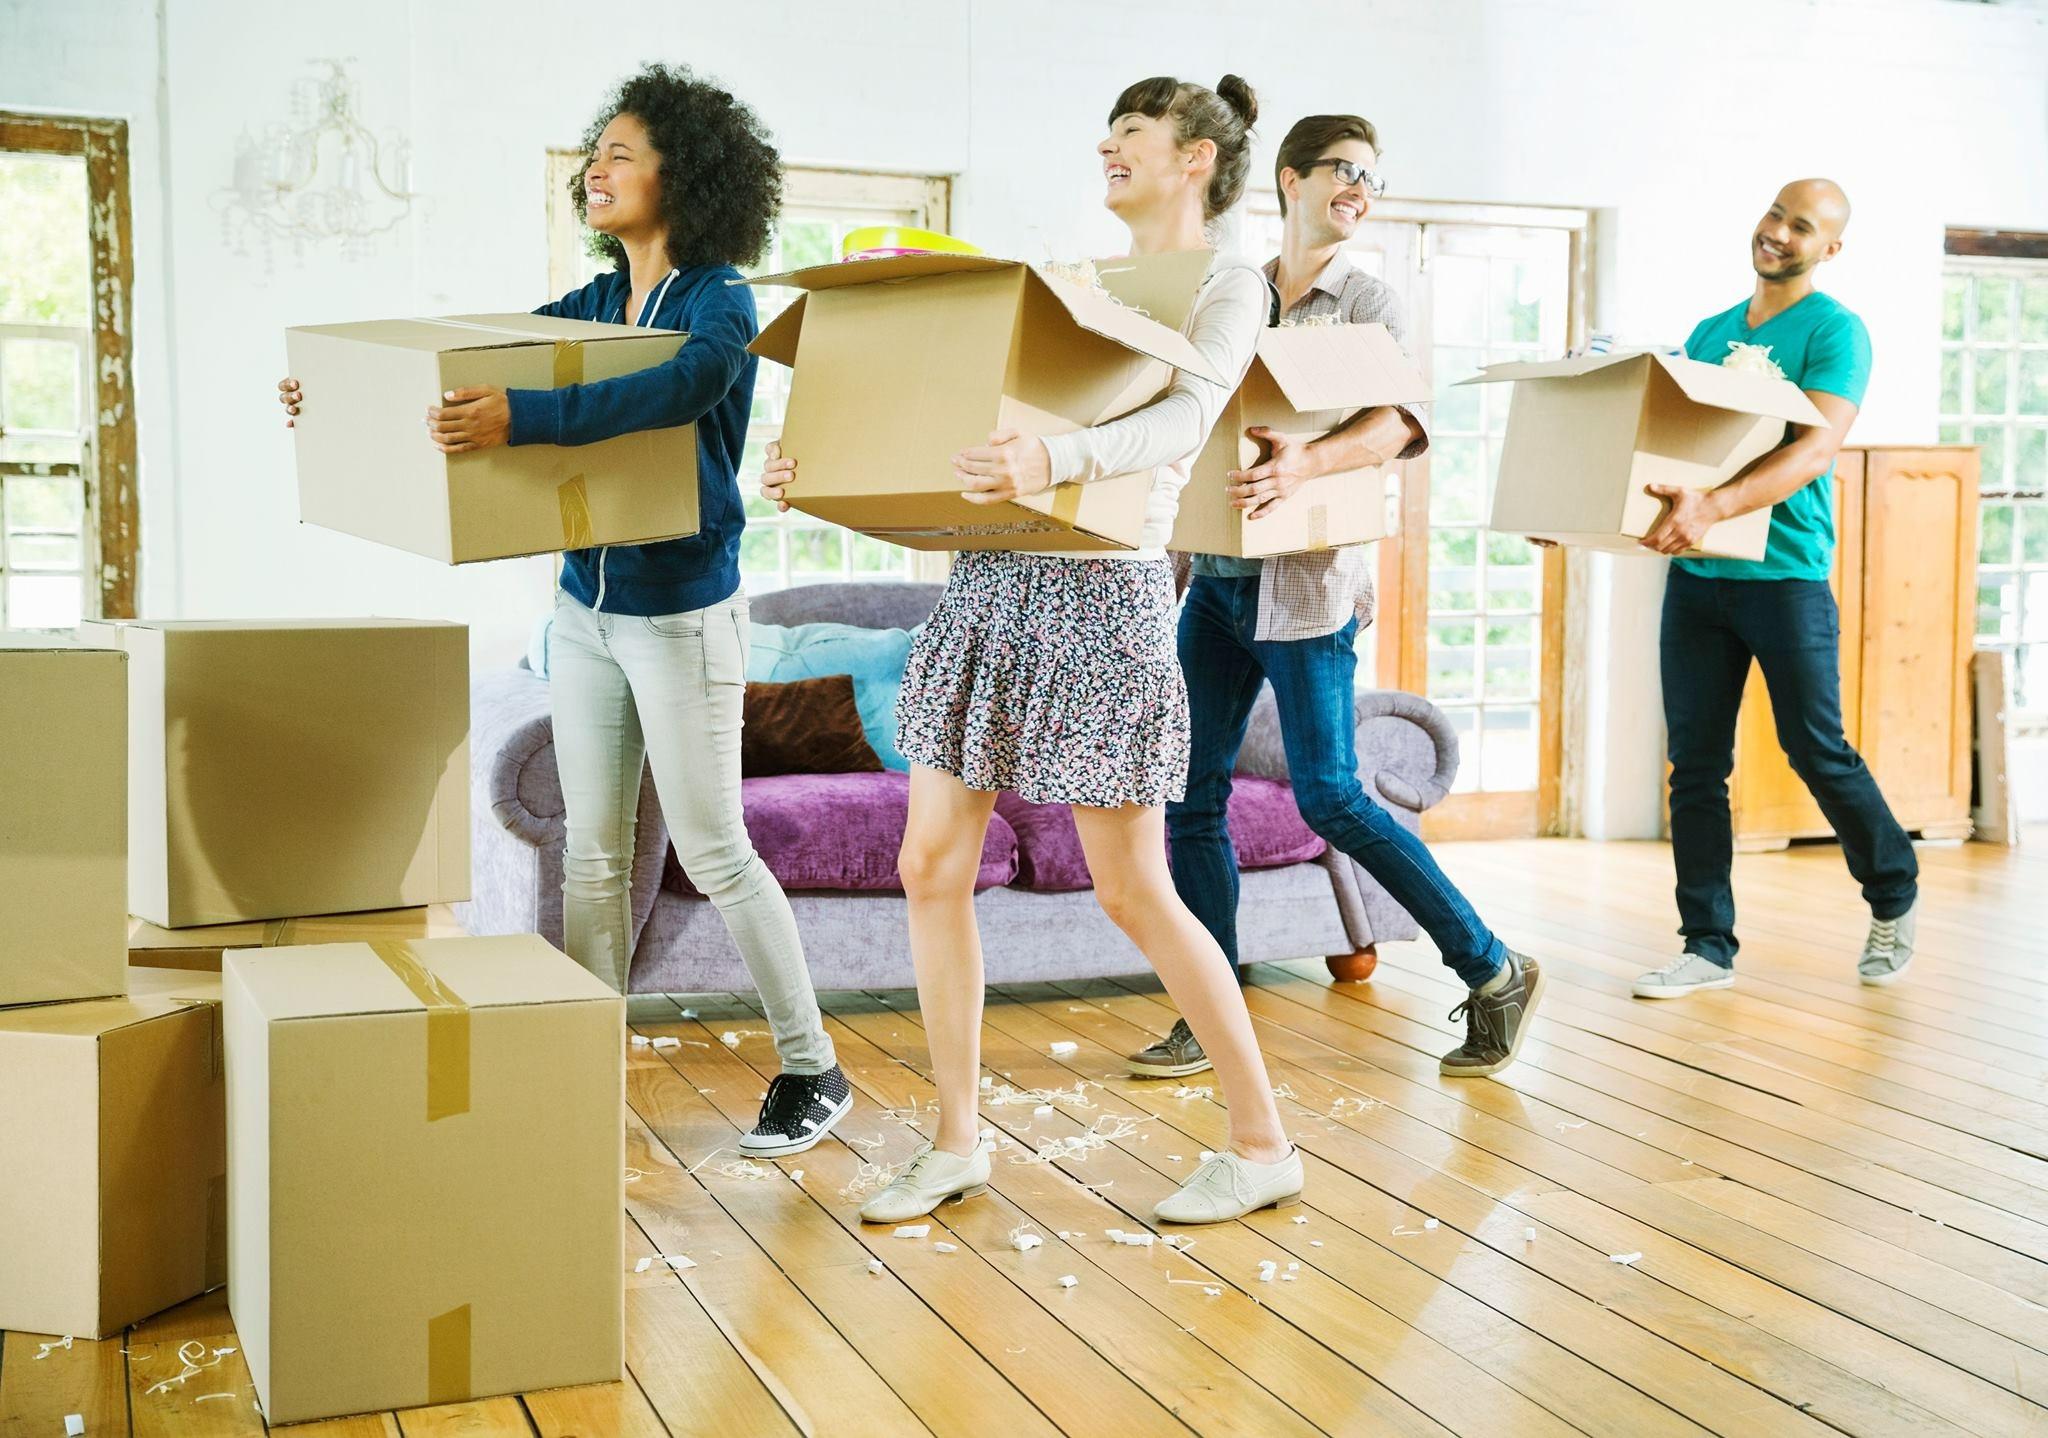 jemoove, la plateforme de déménagement collaboratif favorite | jemoove - Meuble Design Pas Cher Capital M6